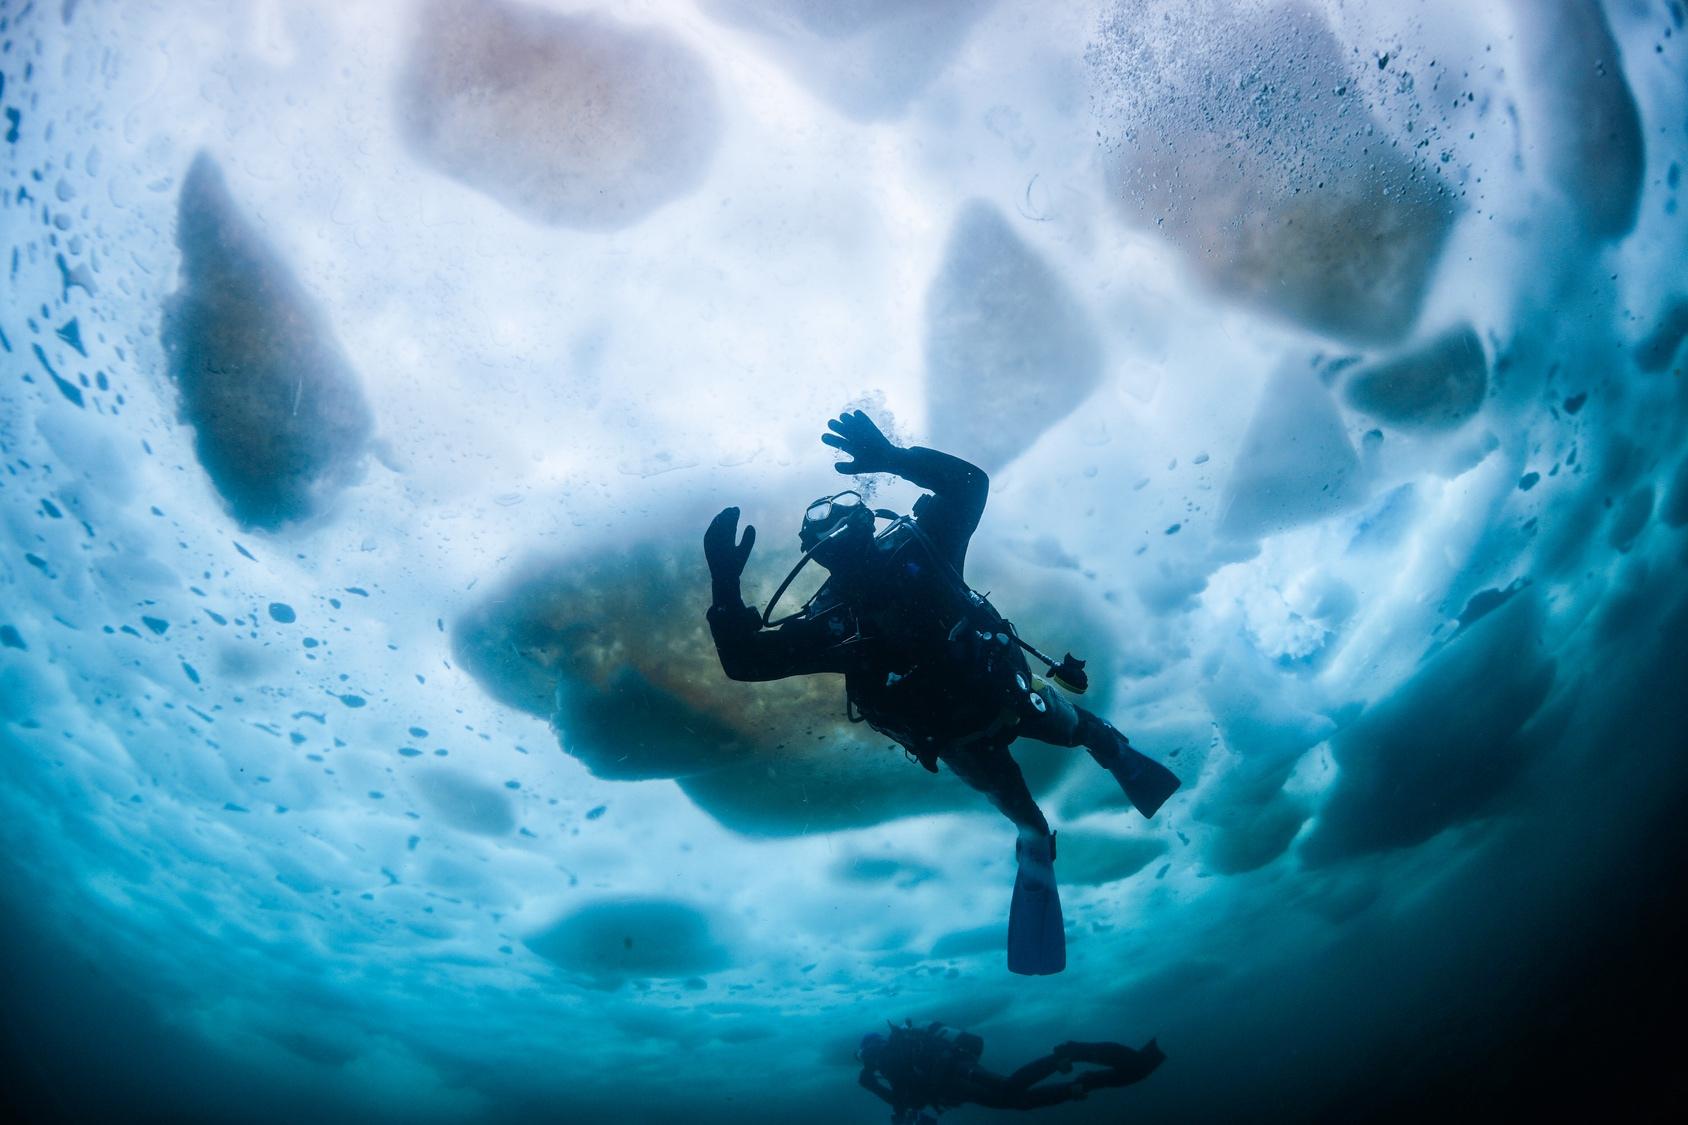 Diving under ice in Antarctica